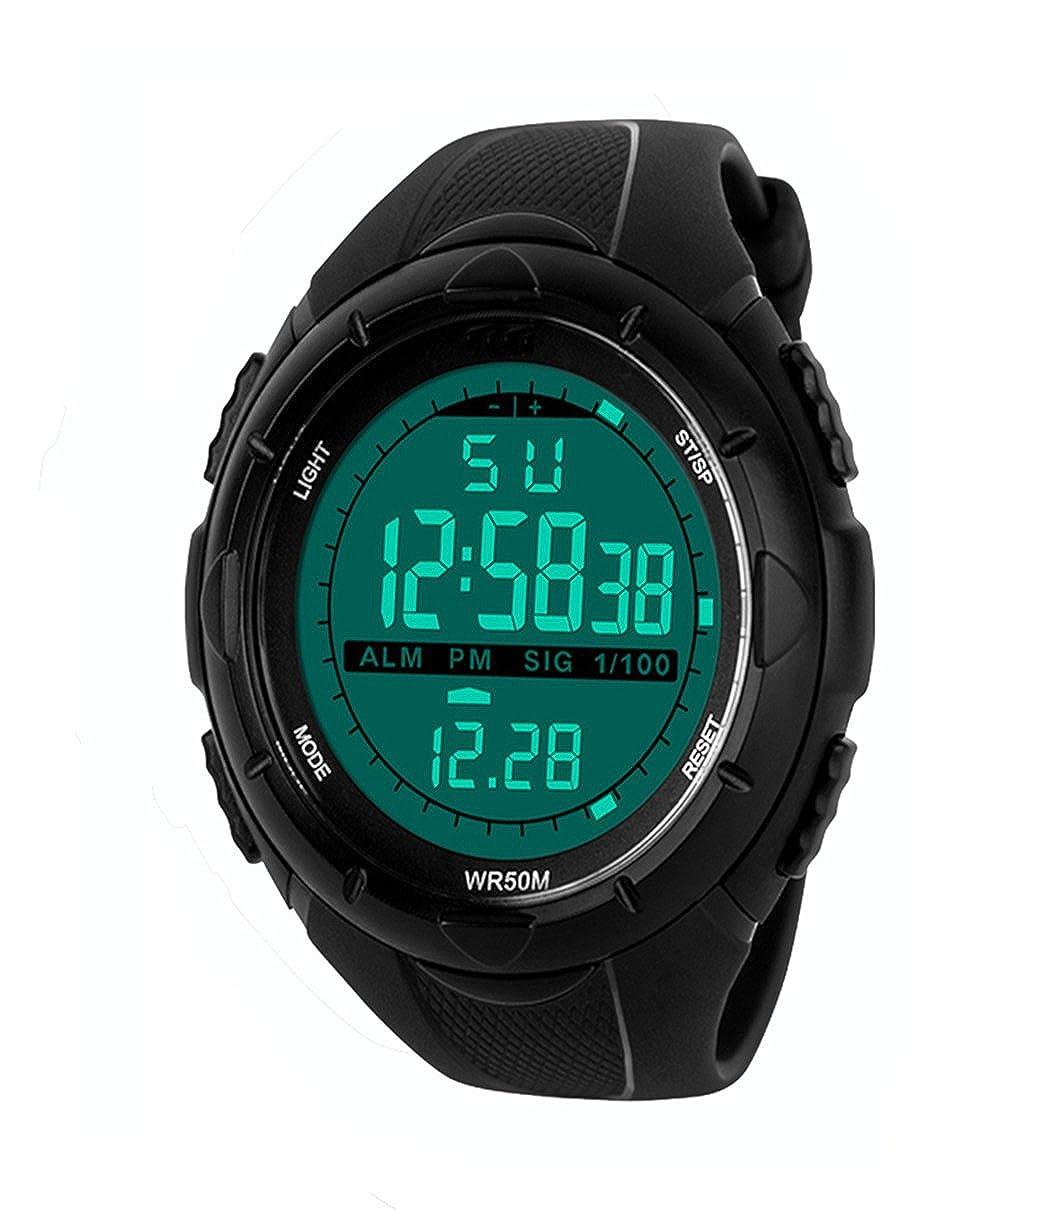 Reloj TOPCABIN electrónico, resistente al agua hasta 50 m, digital, para jóvenes, deportivo, con LED y alarma